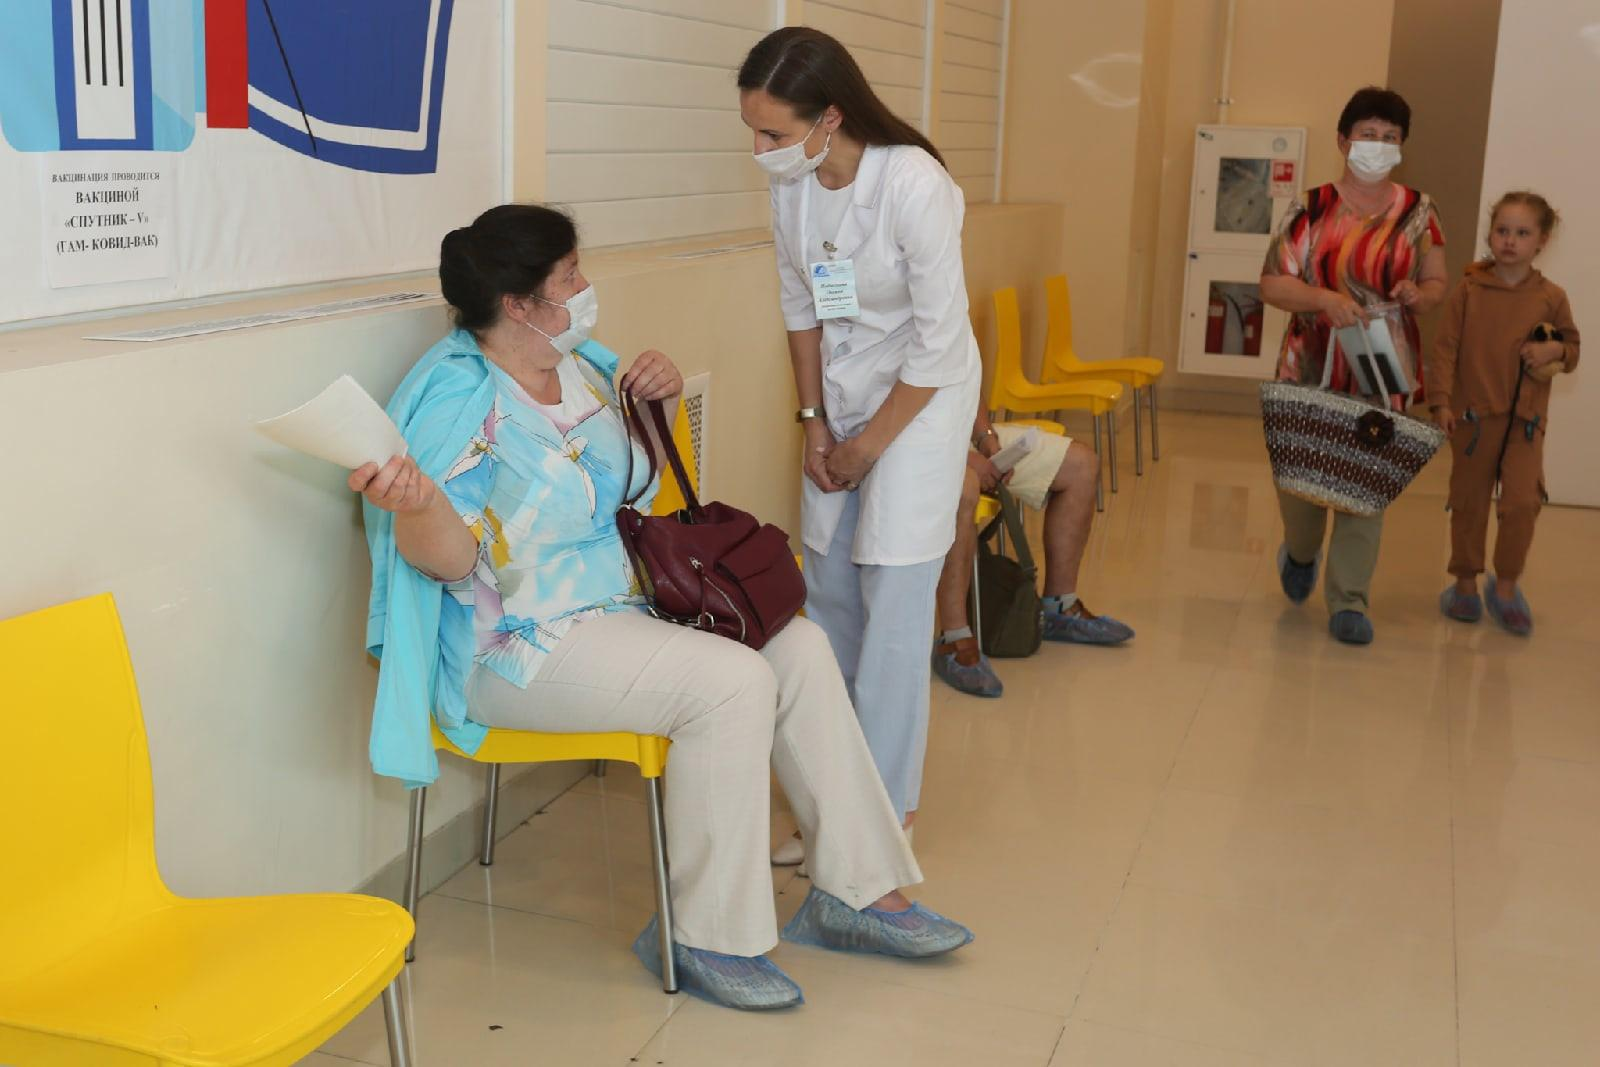 Фото В Новосибирской области власти предложат торговым центрам открывать пункты вакцинации от COVID-19 4